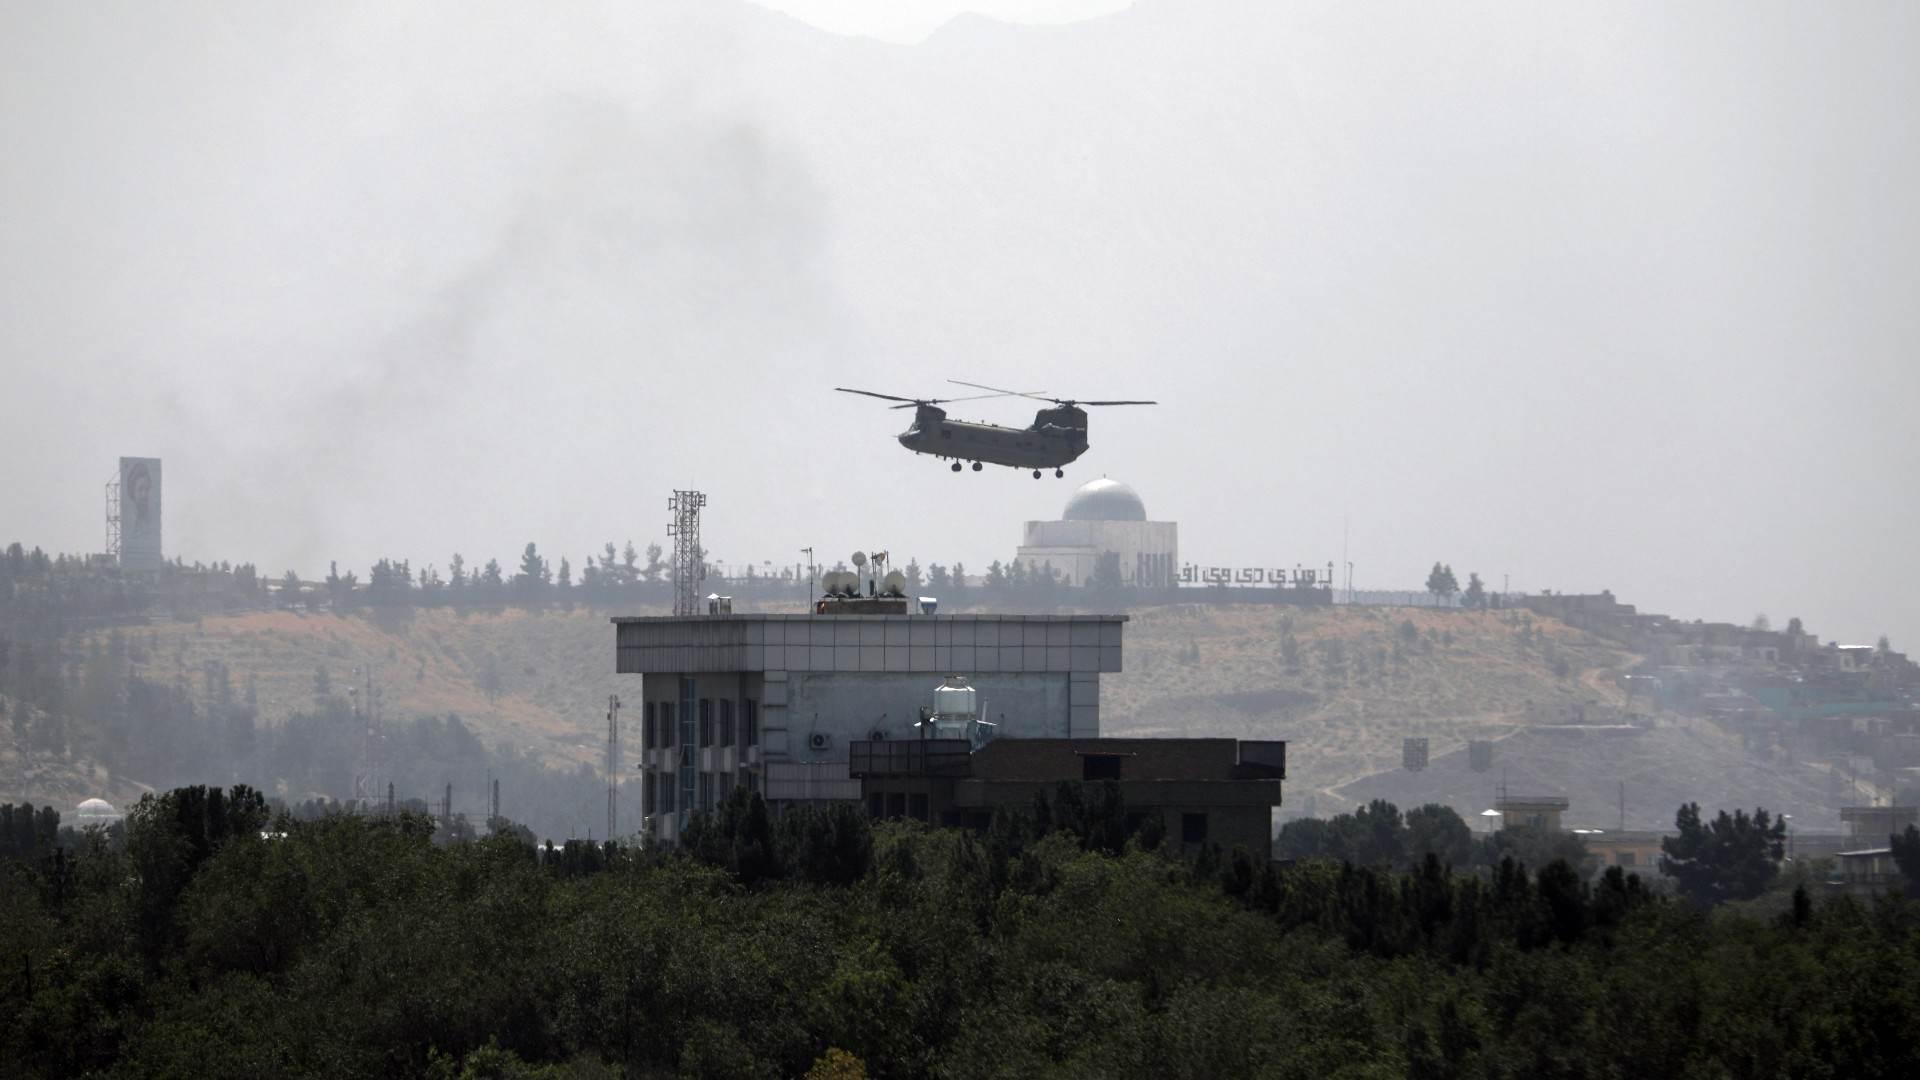 Helicóptero dos EUA é visto sobrevoando embaixada norte-americana em Cabul